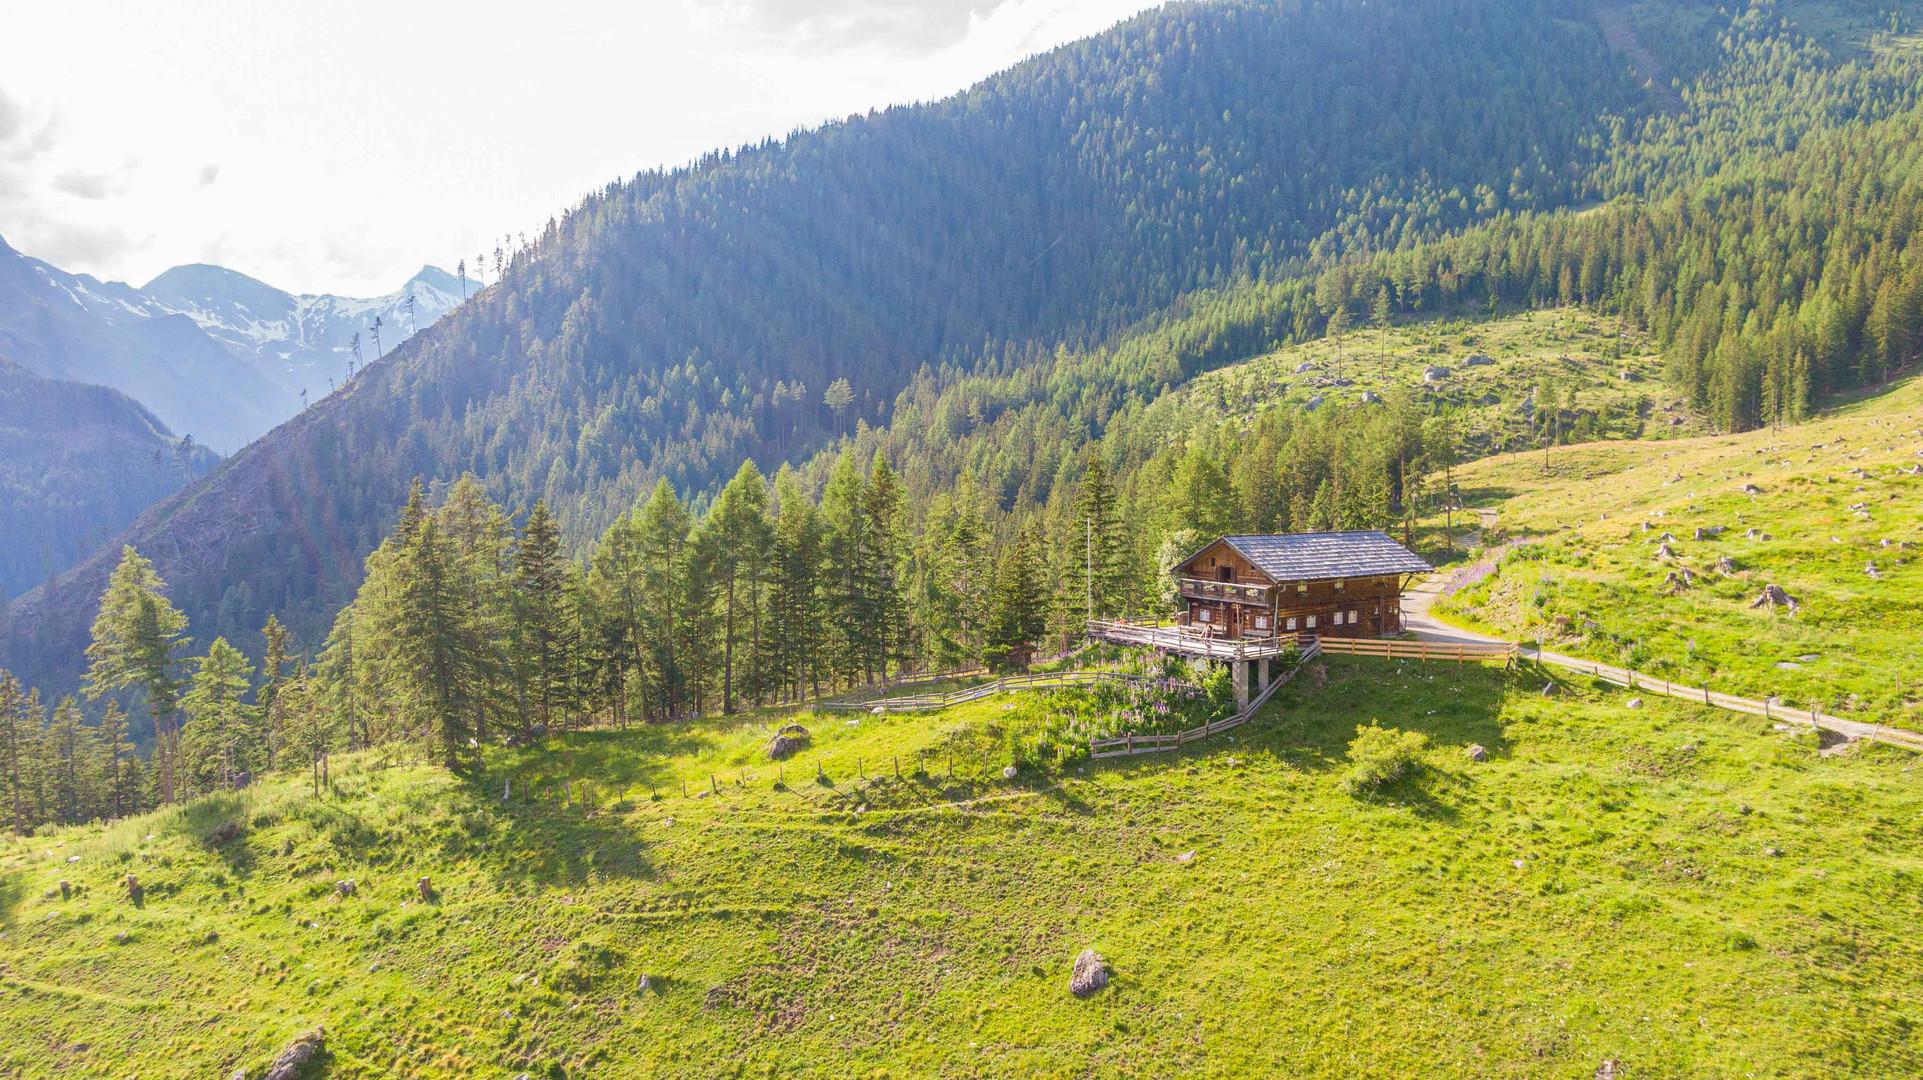 Hütte mit der Geisel im Hintergrund